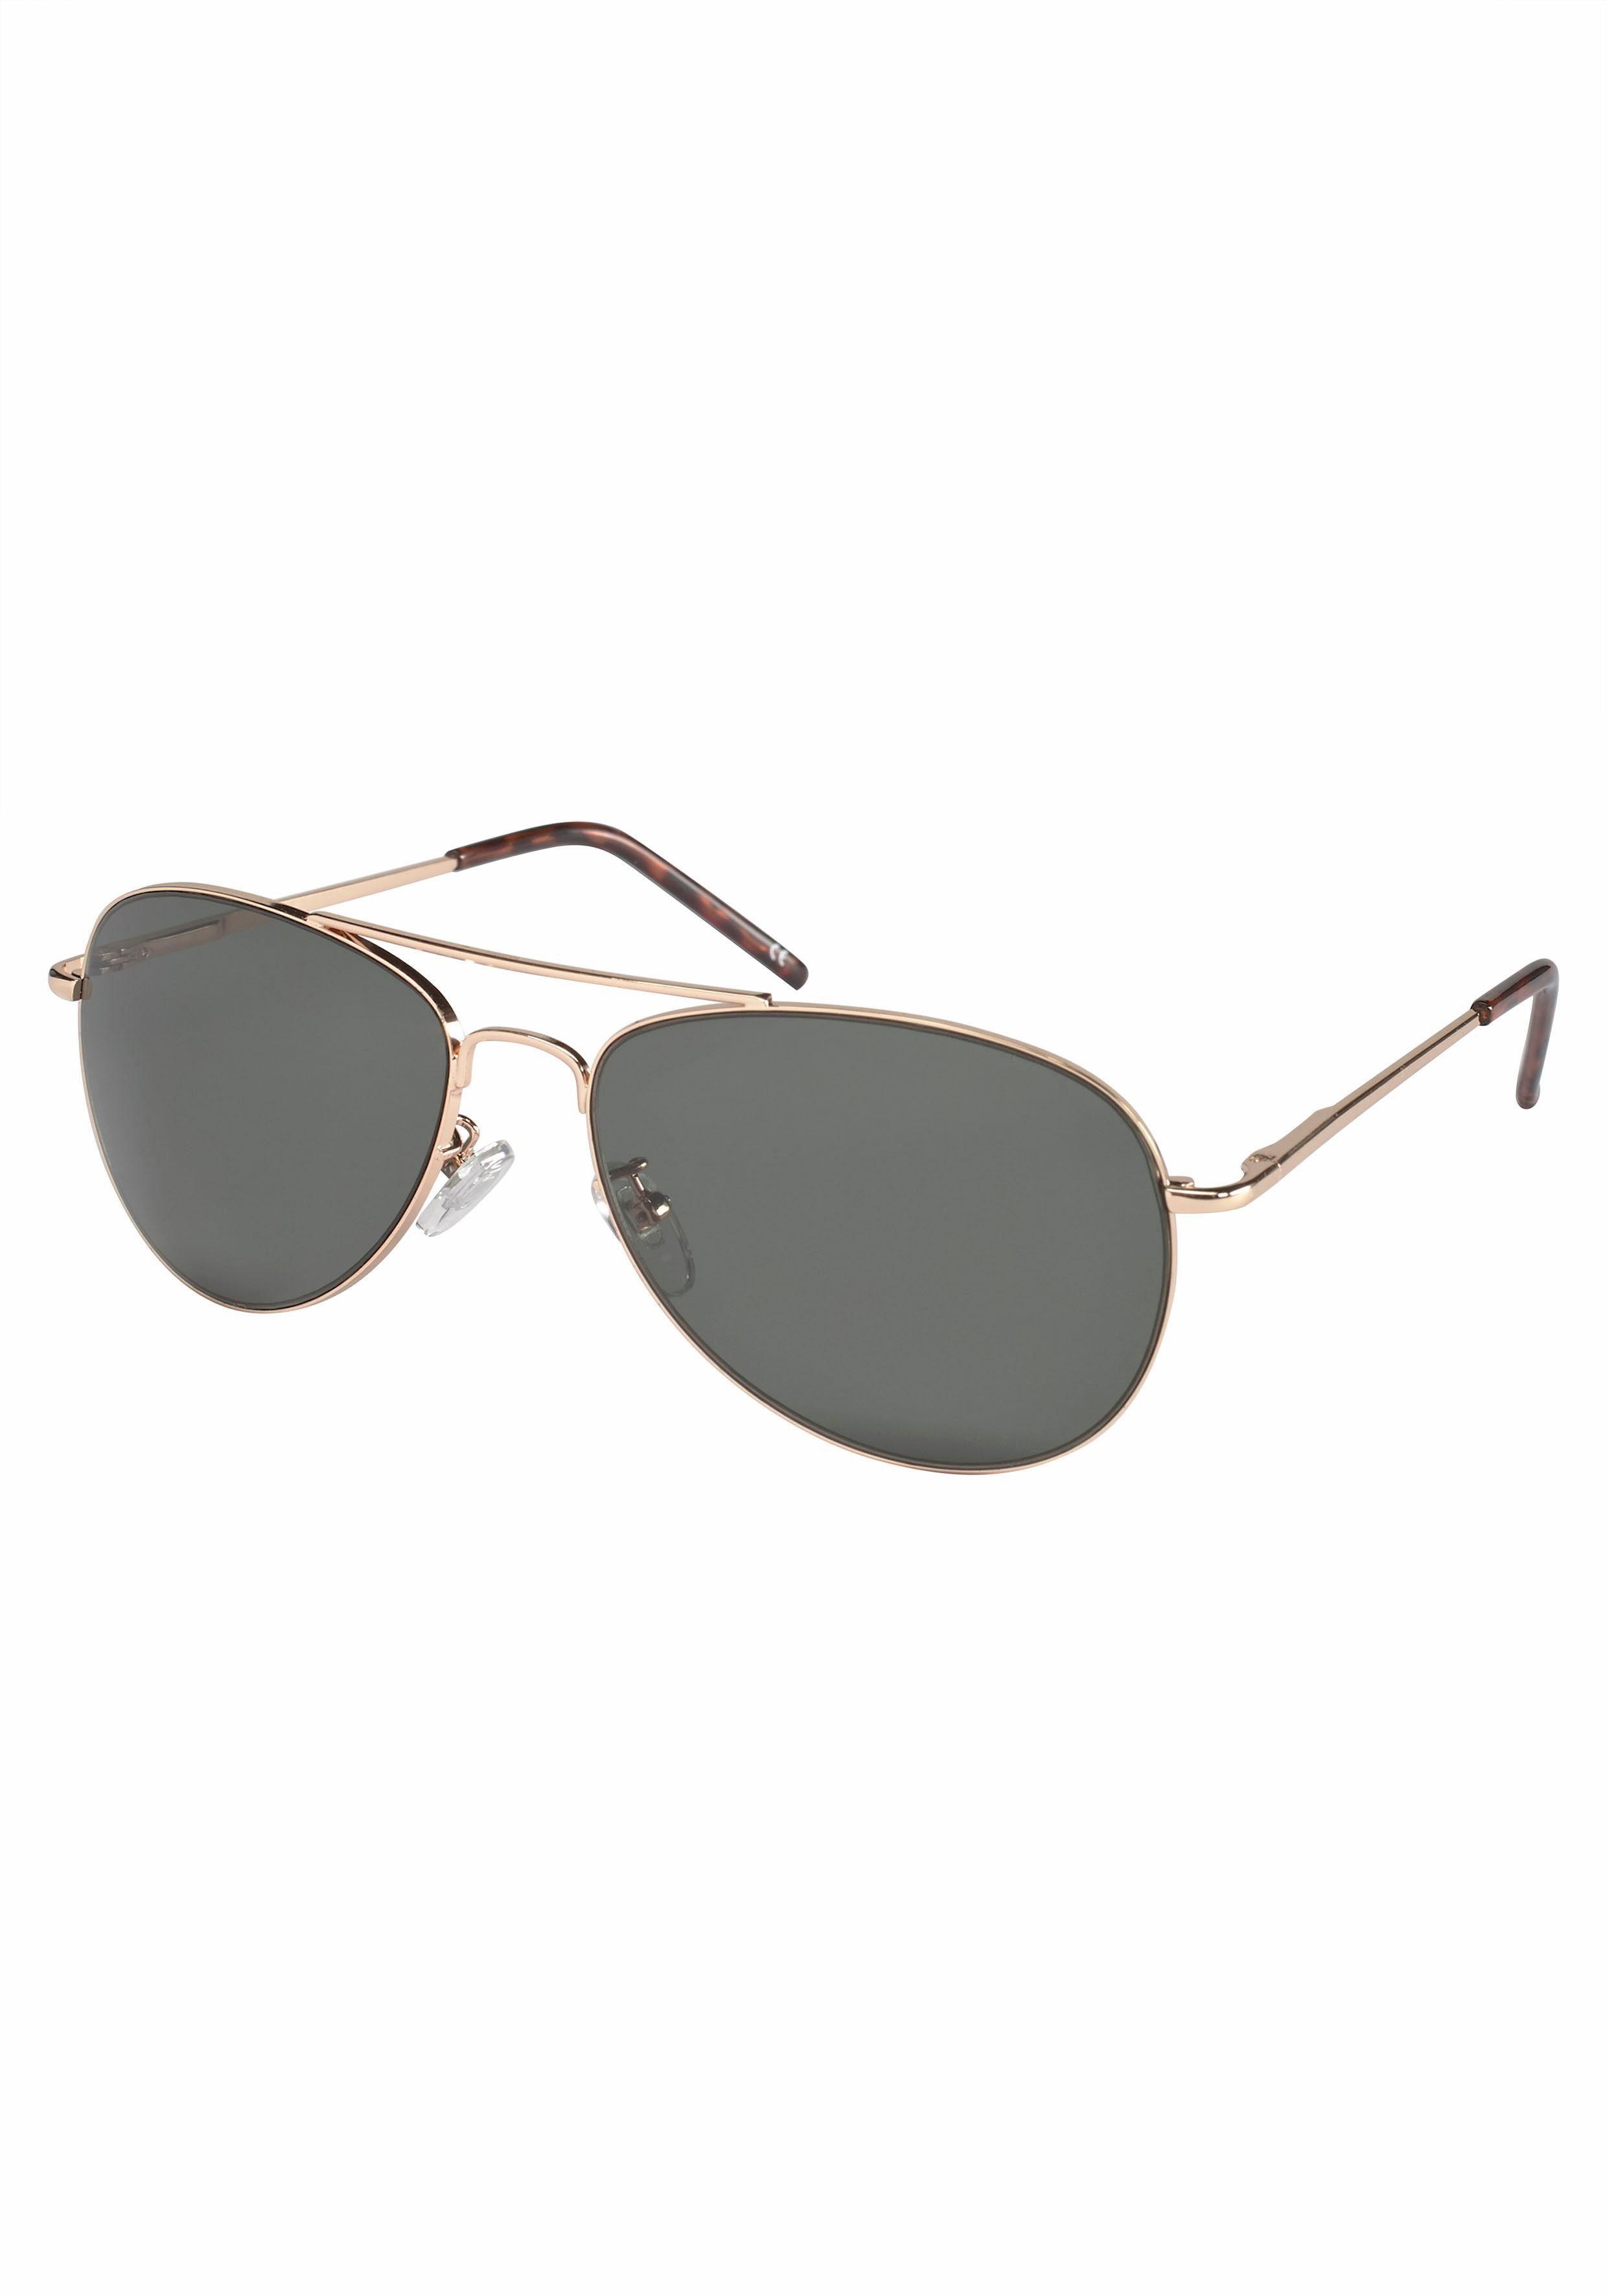 PRIMETTA Eyewear Sonnenbrille im klassischen Design